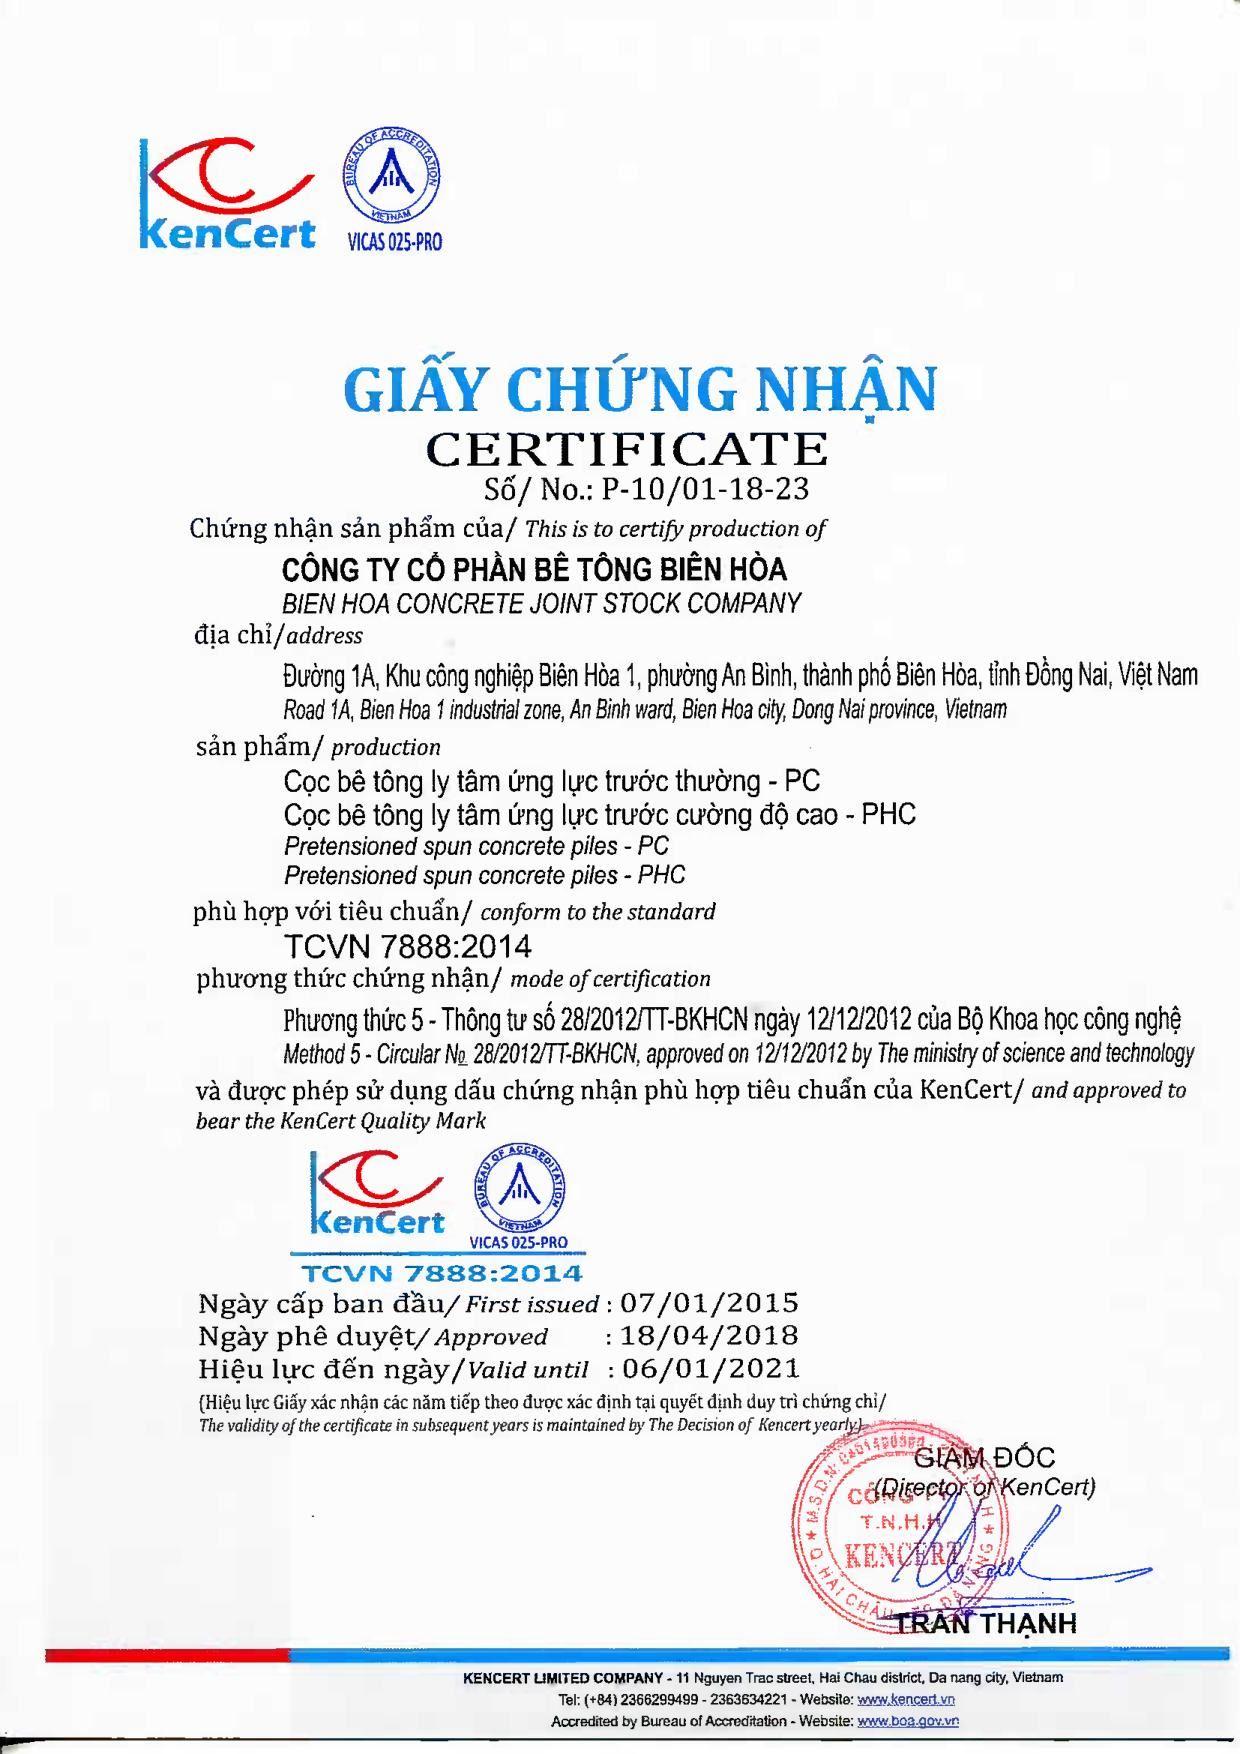 Chung-nhan-hop-chuan-coc